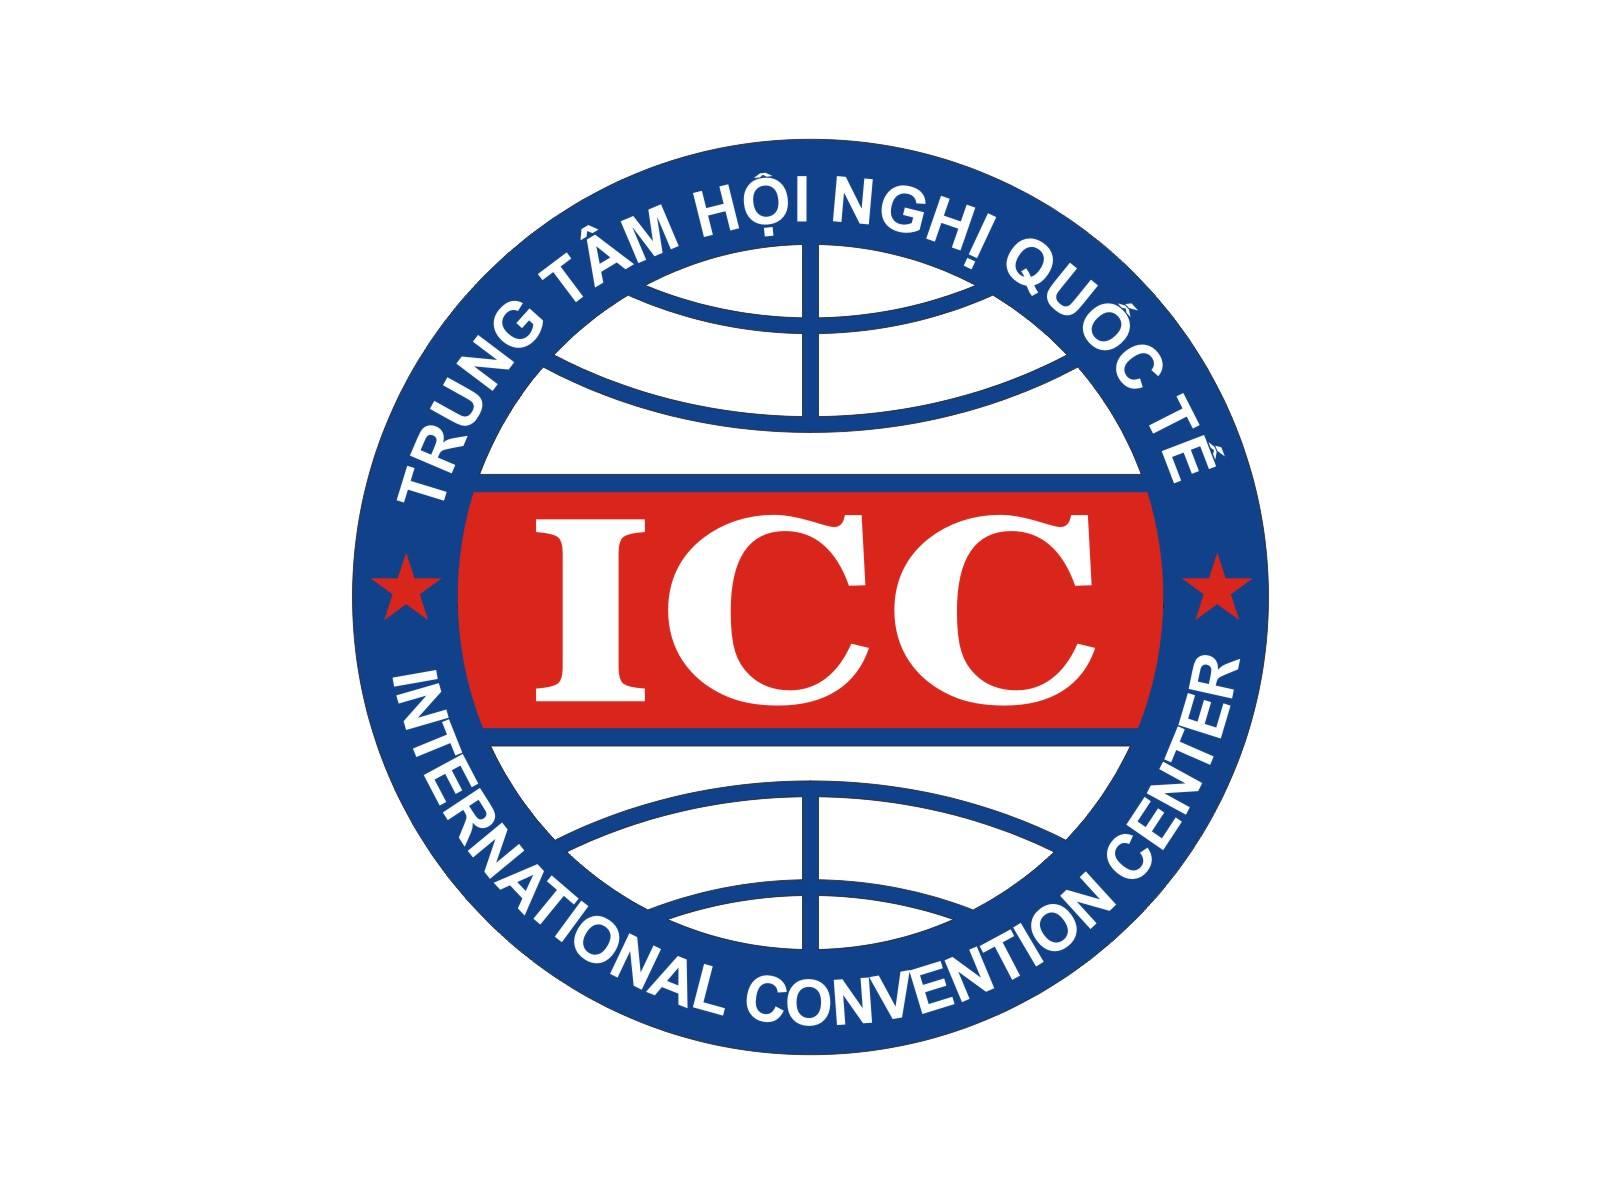 Trung tâm hội nghị quốc tế